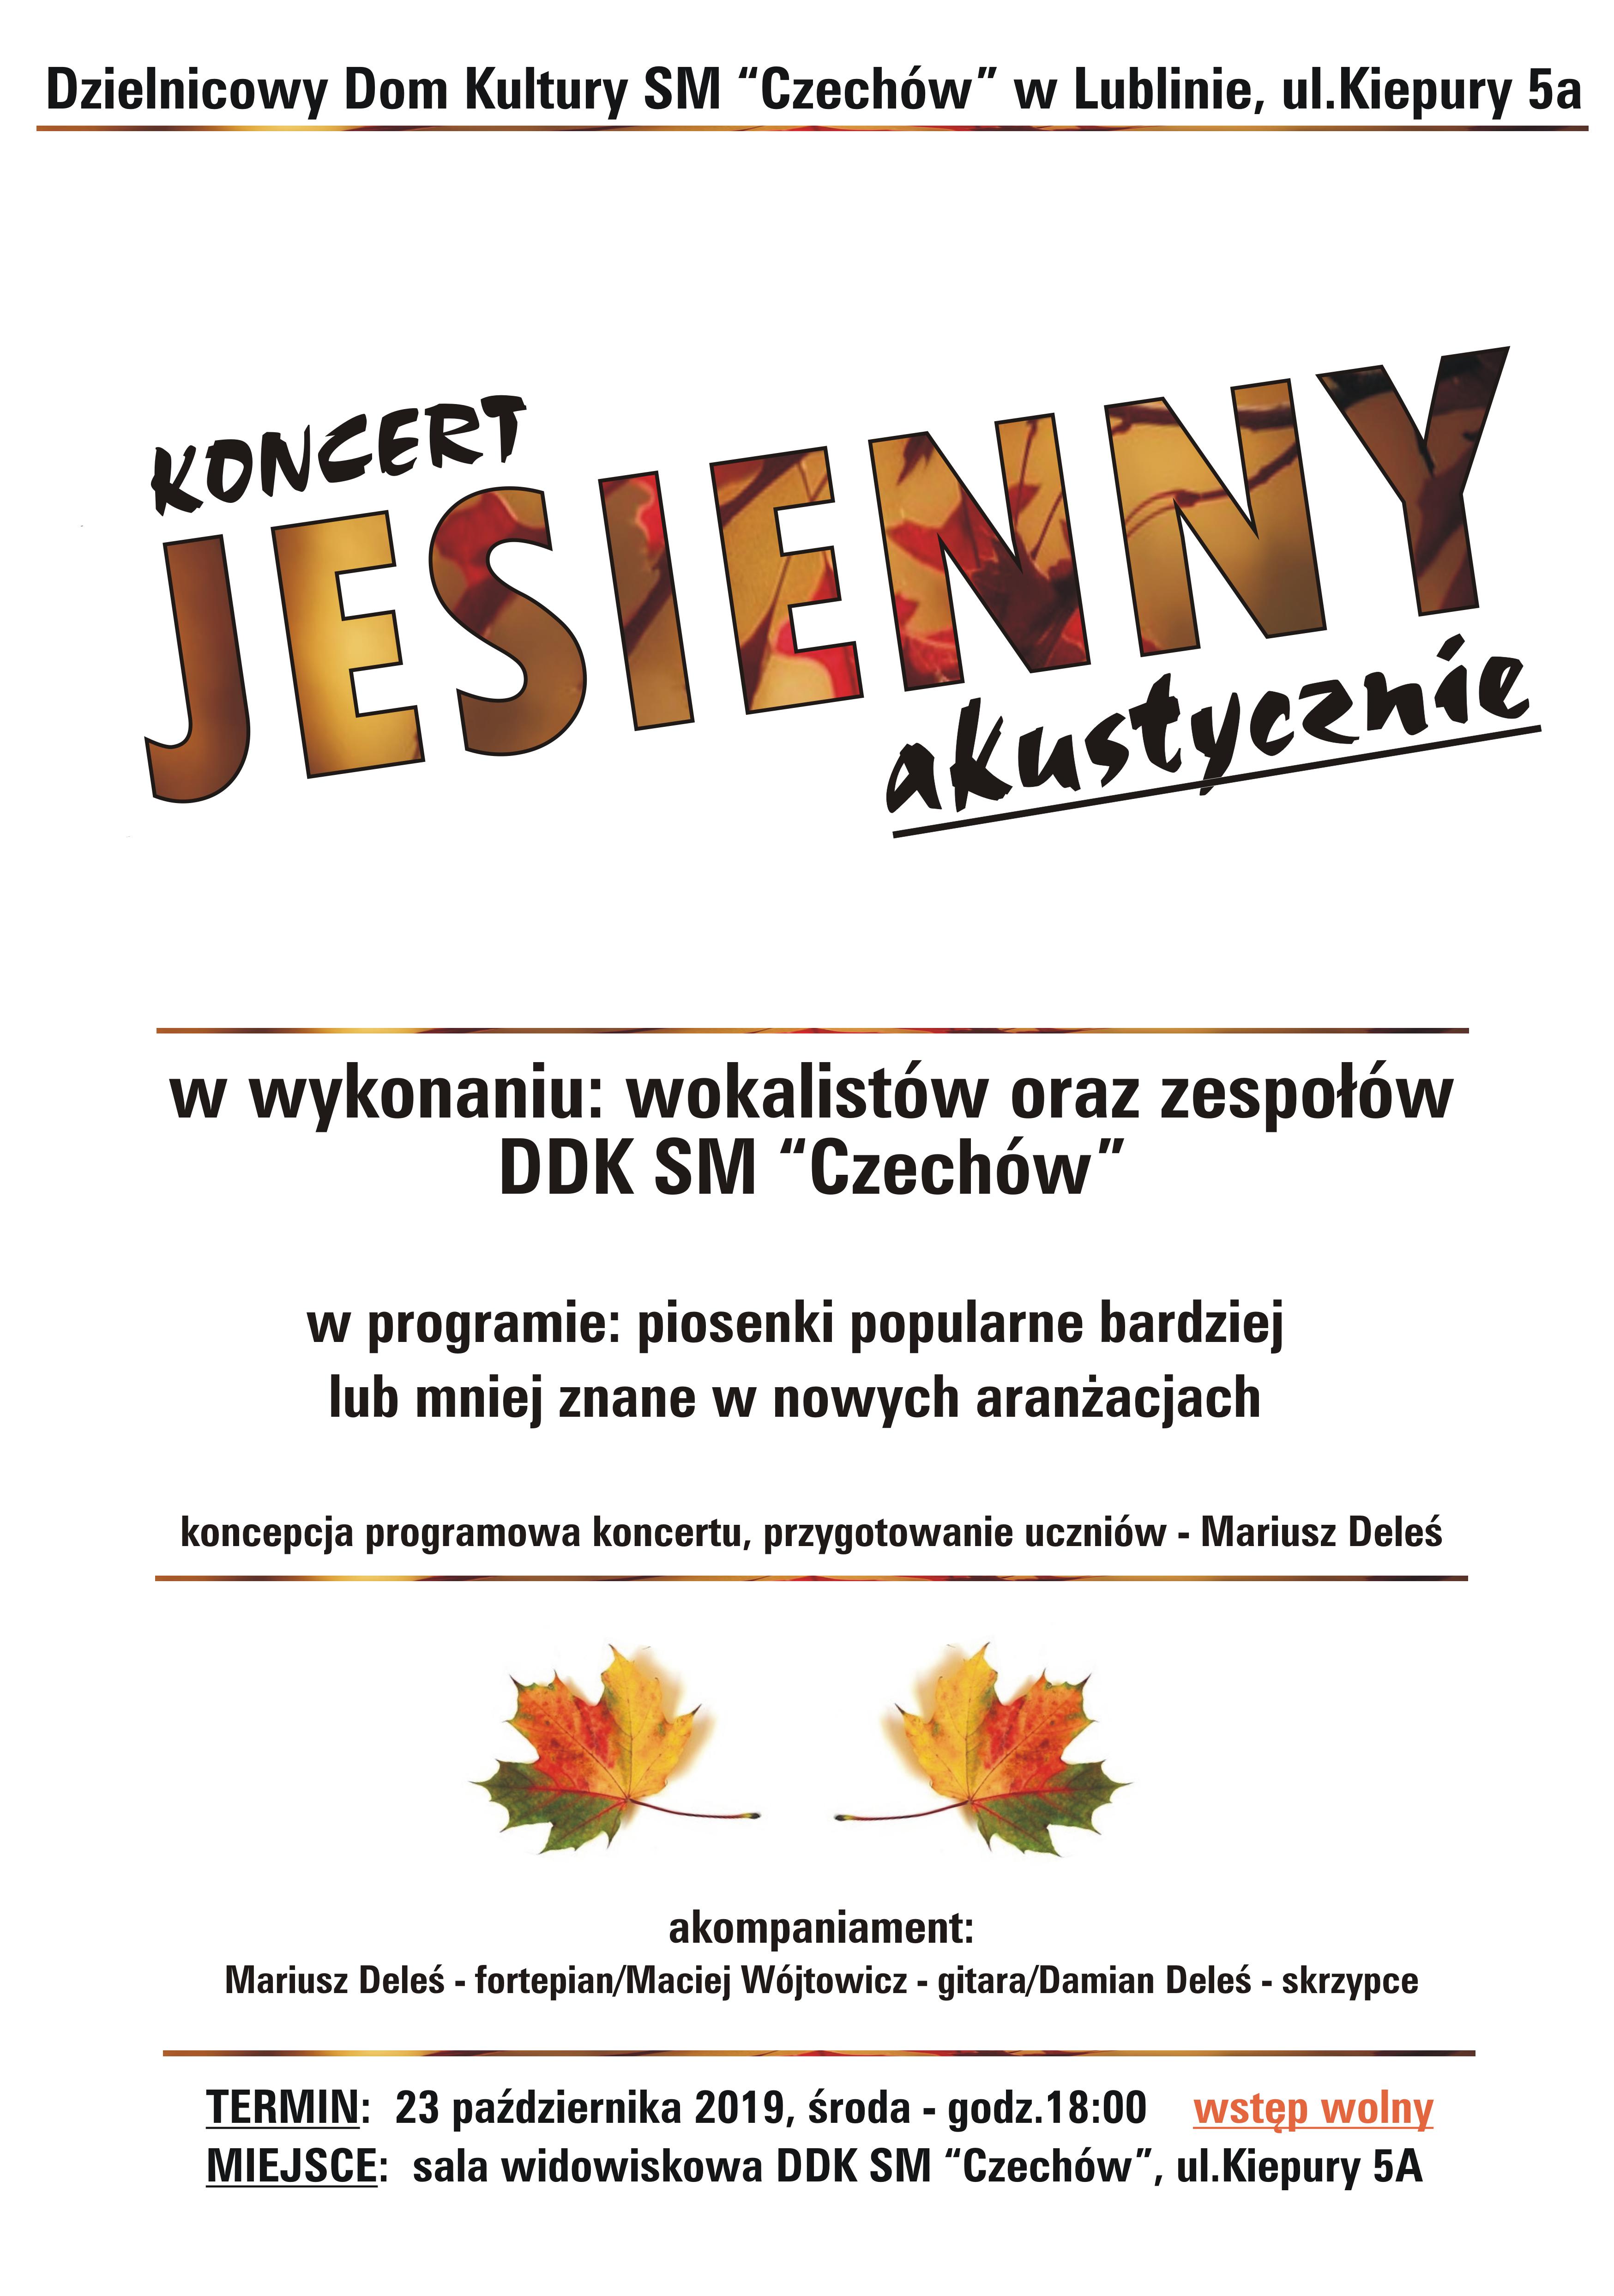 Koncert jesienny akustycznie